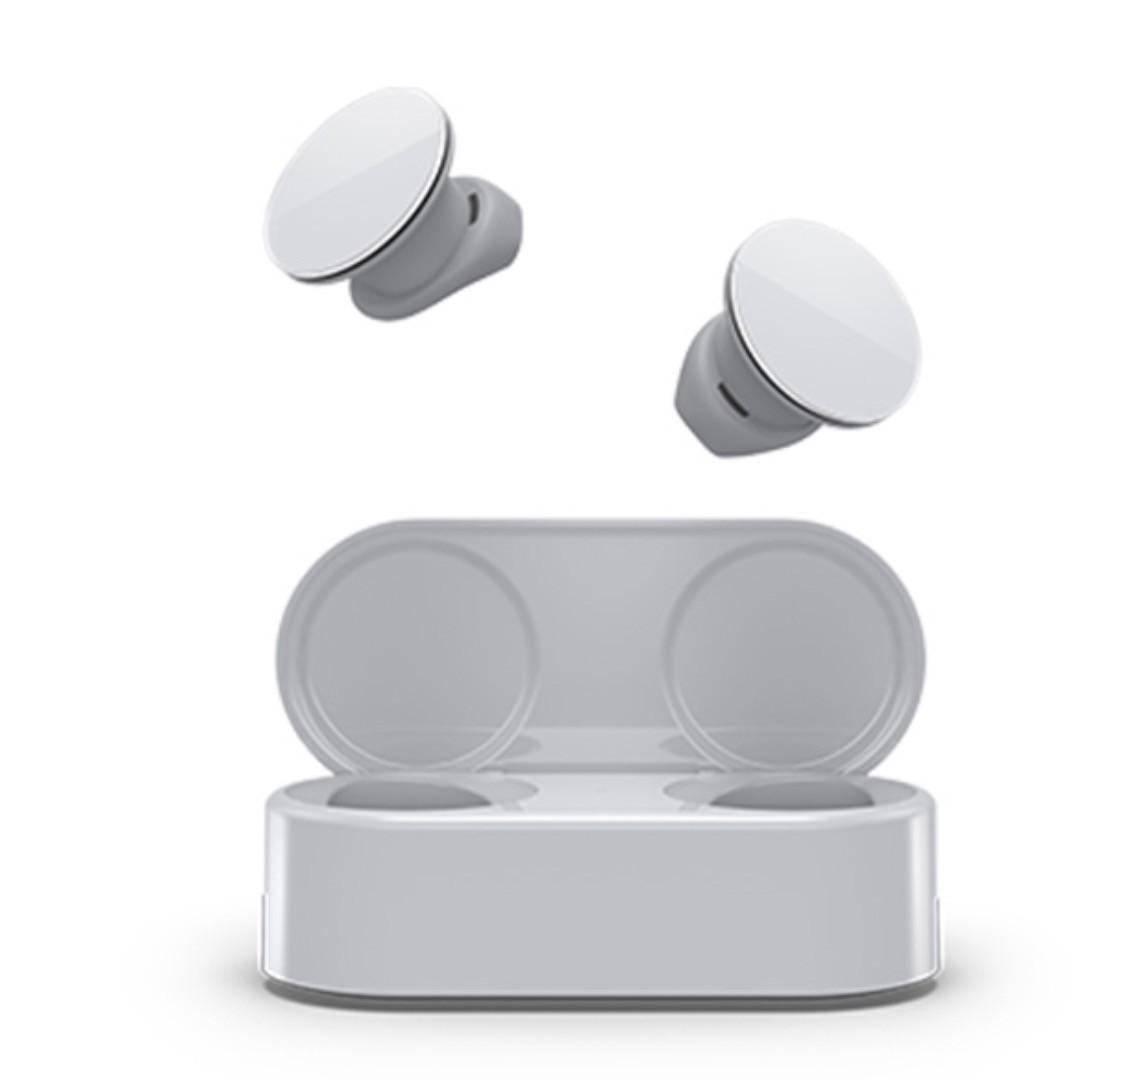 百亿补贴 : Microsoft 微软 Surface Earbuds 无线耳机 真无线蓝牙耳机  白